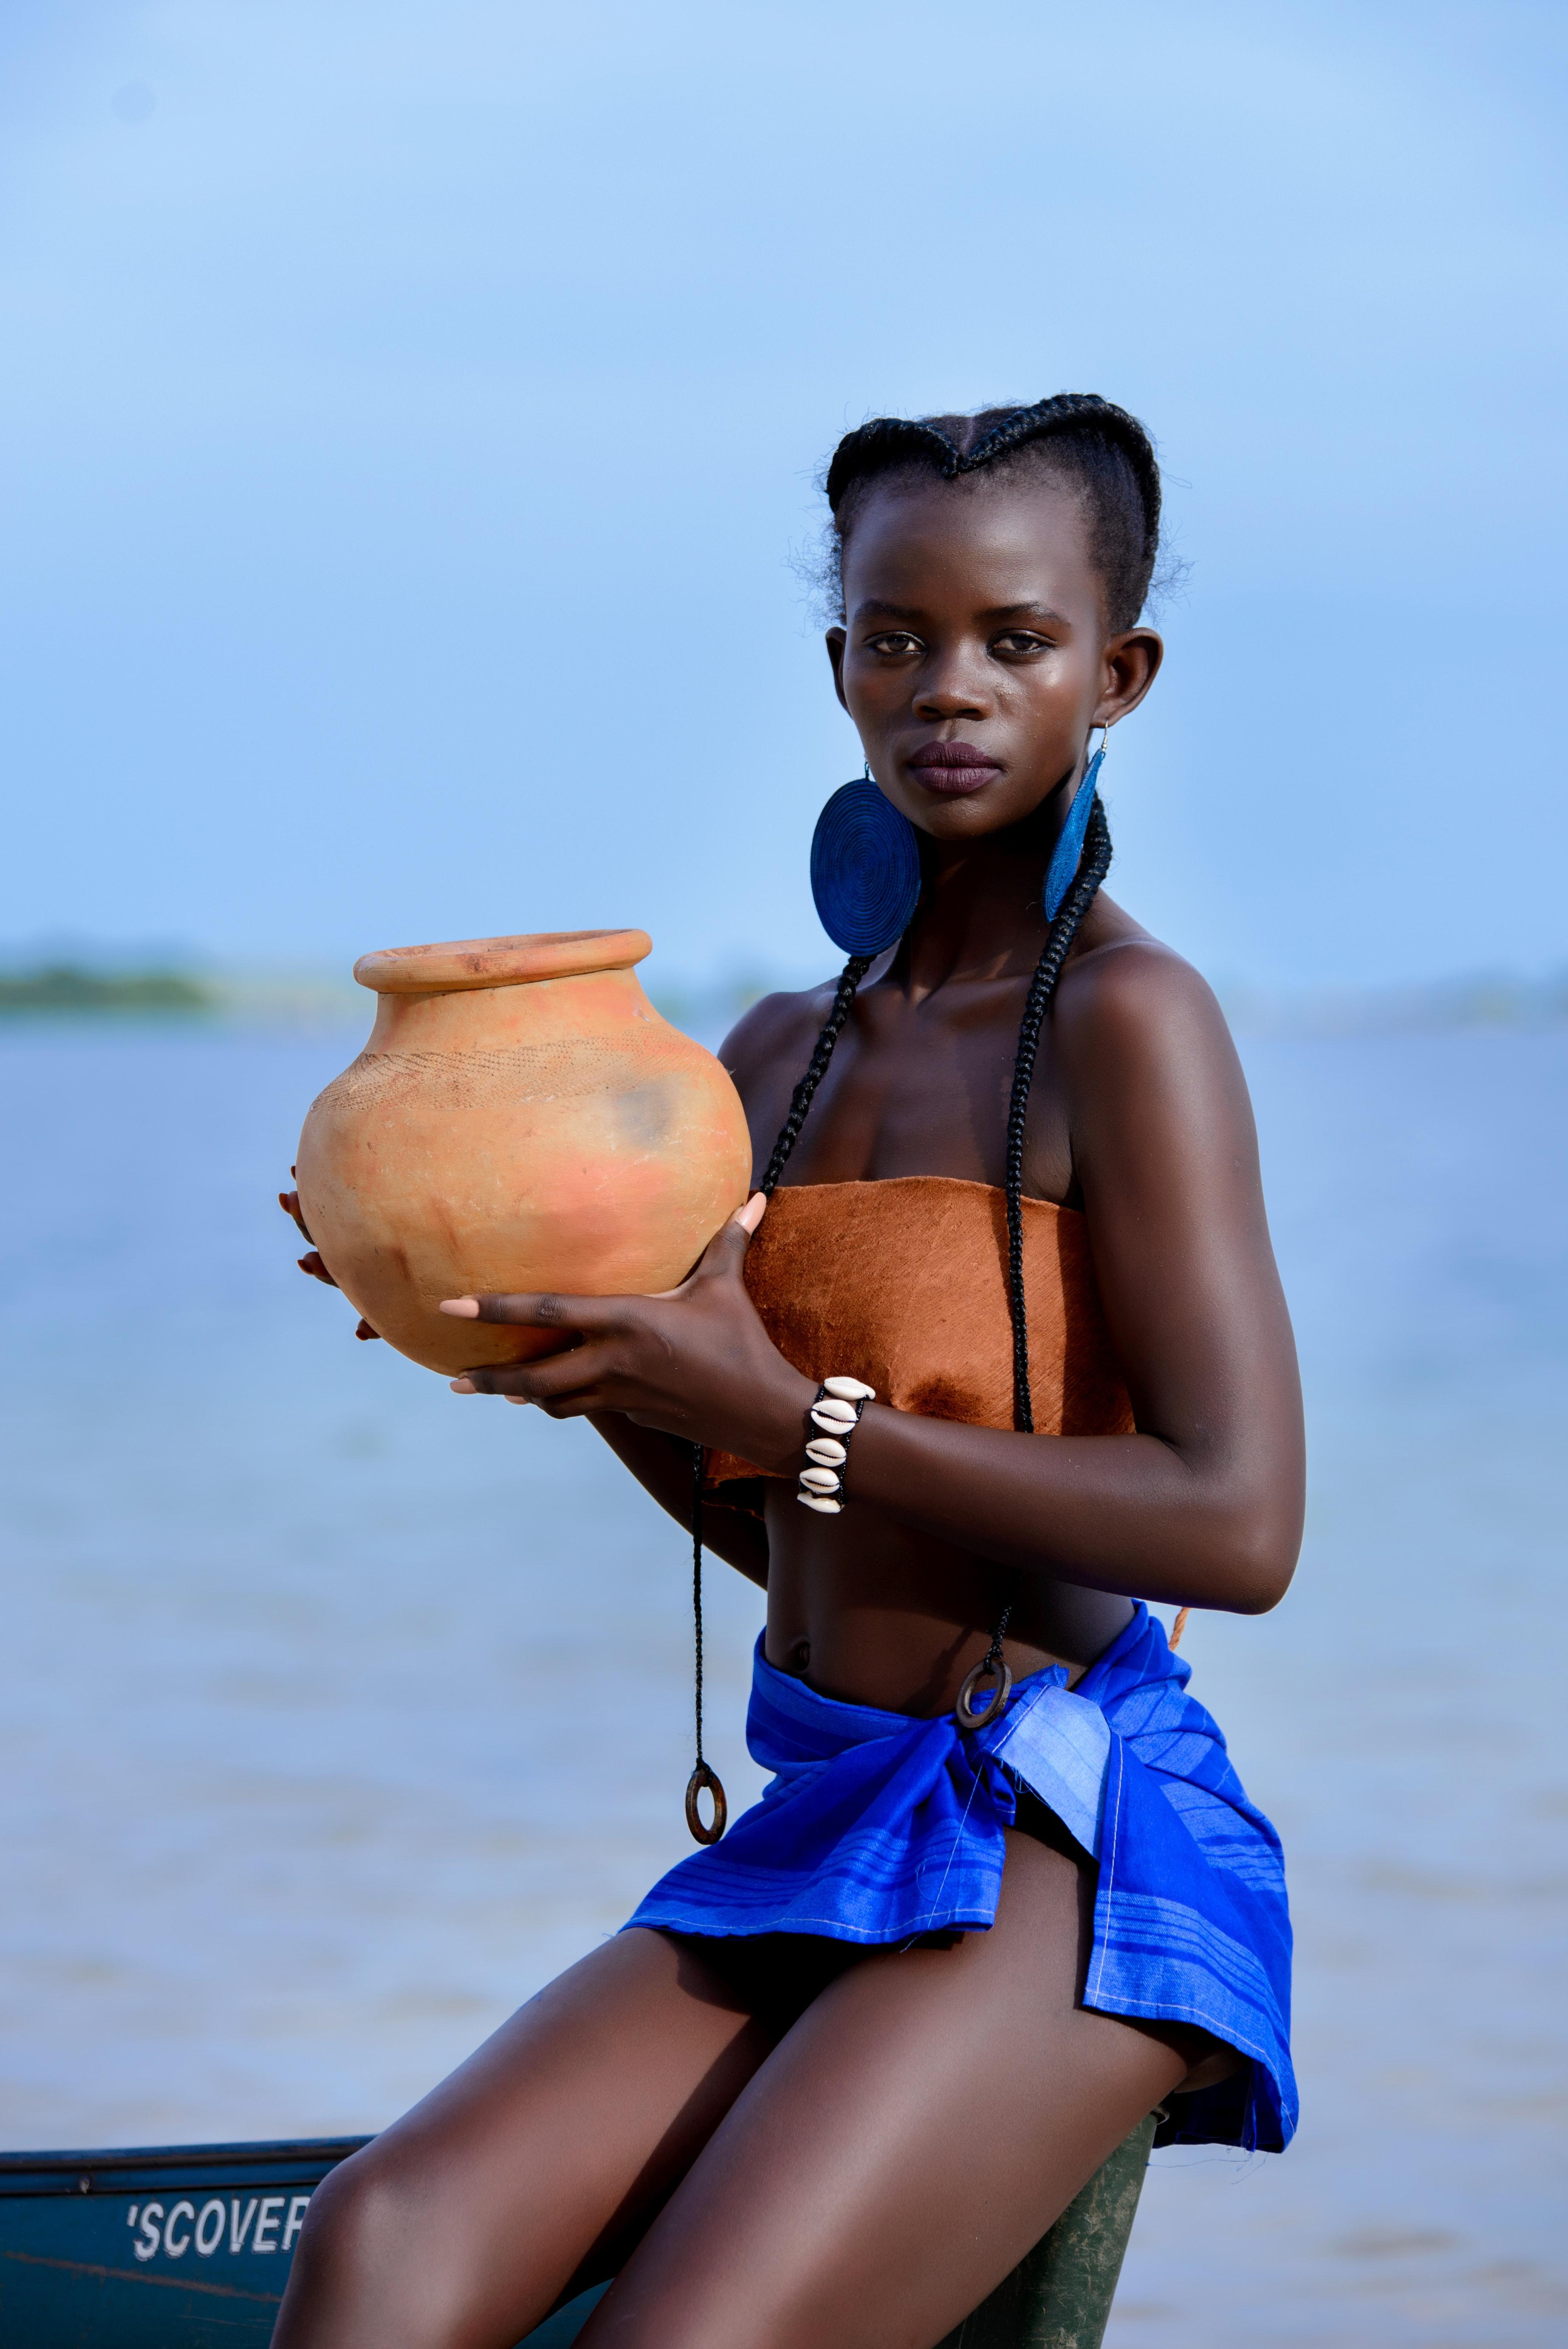 beach-braided-hair-clay-pot-1082954